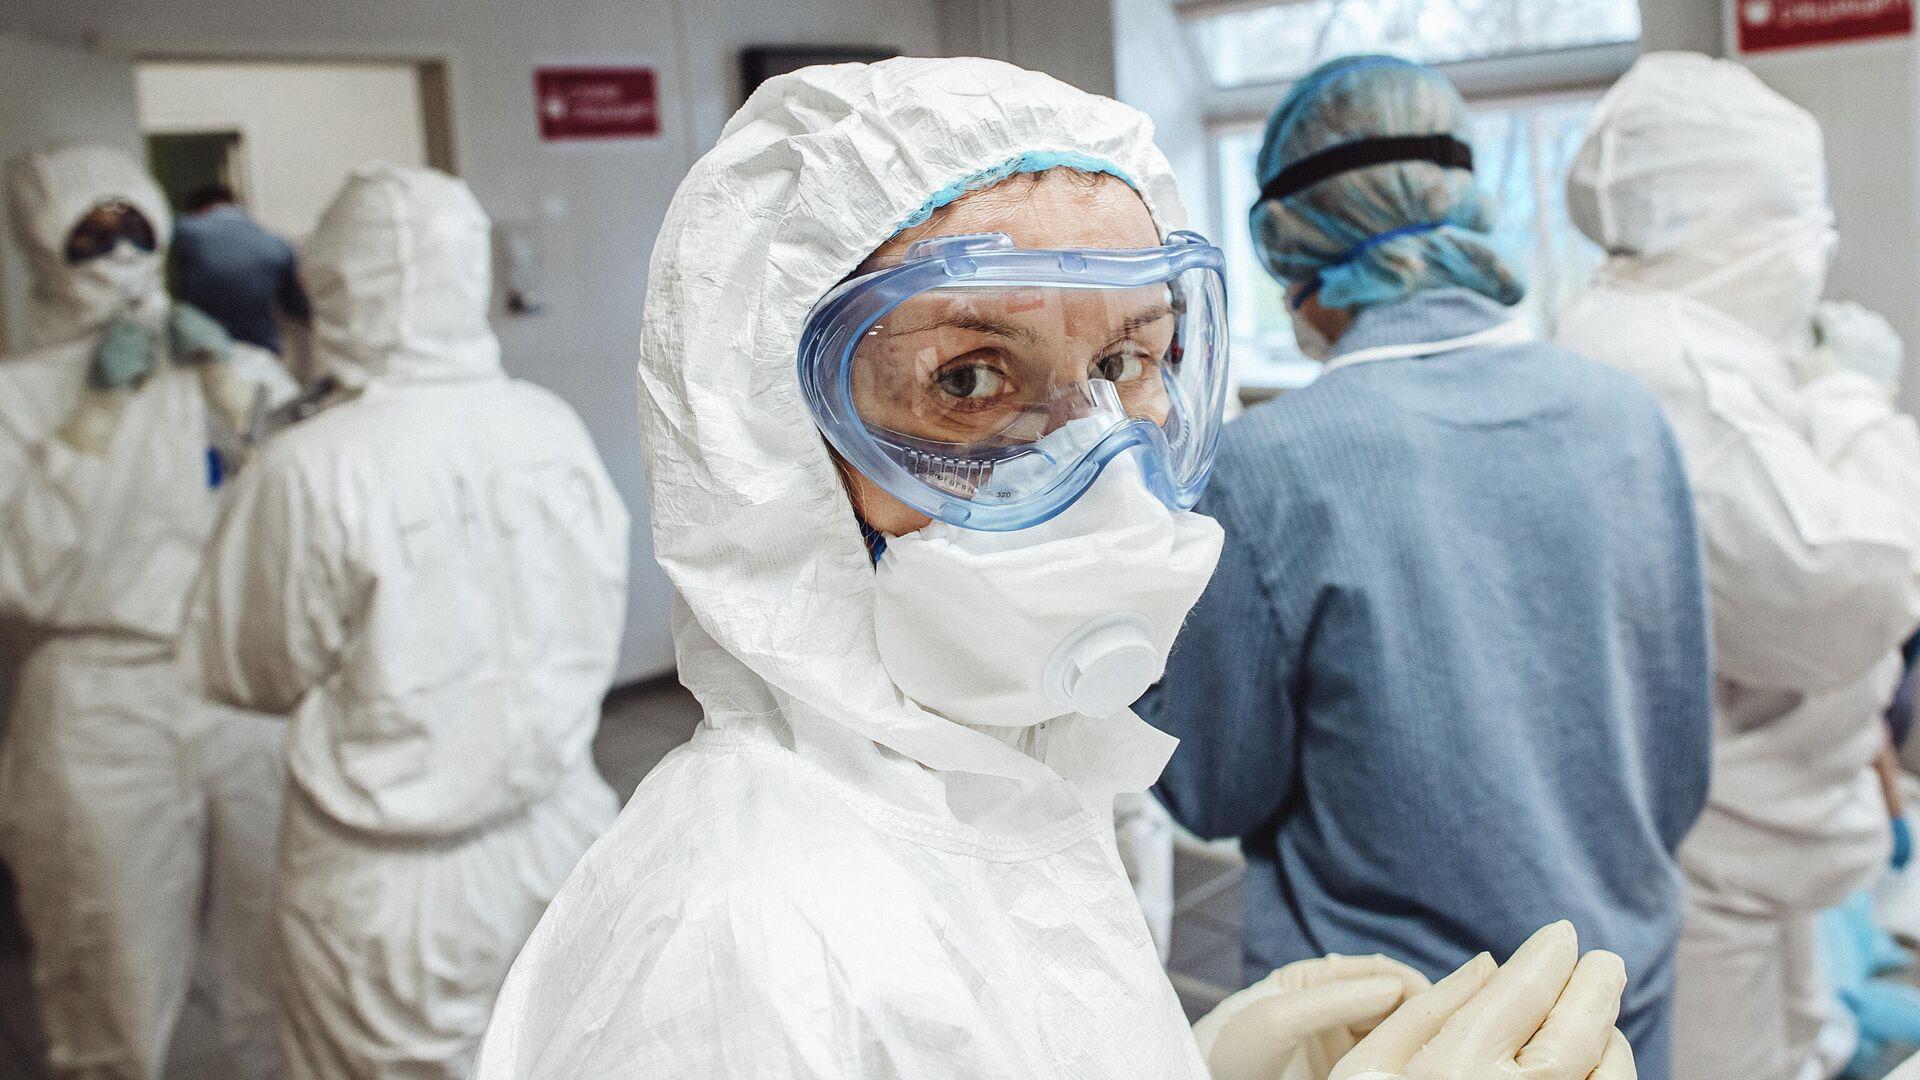 Фотографии в проекте RT Эпидемия с Антоном Красовским, посвященные борьбе медиков с коронавирусной инфекцией в России - РИА Новости, 1920, 13.01.2021